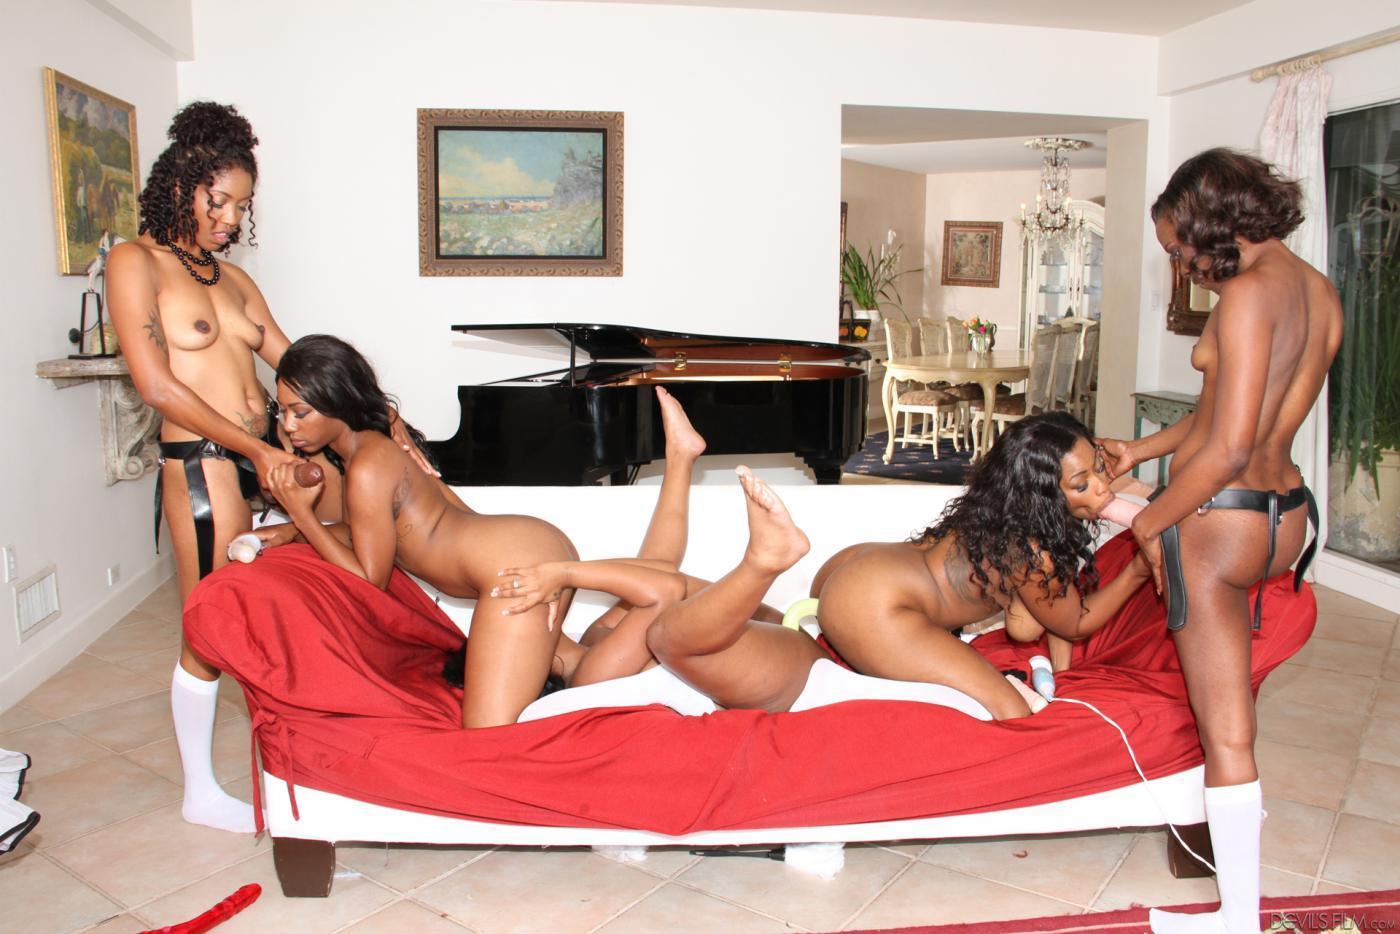 лисбиянки фото афро